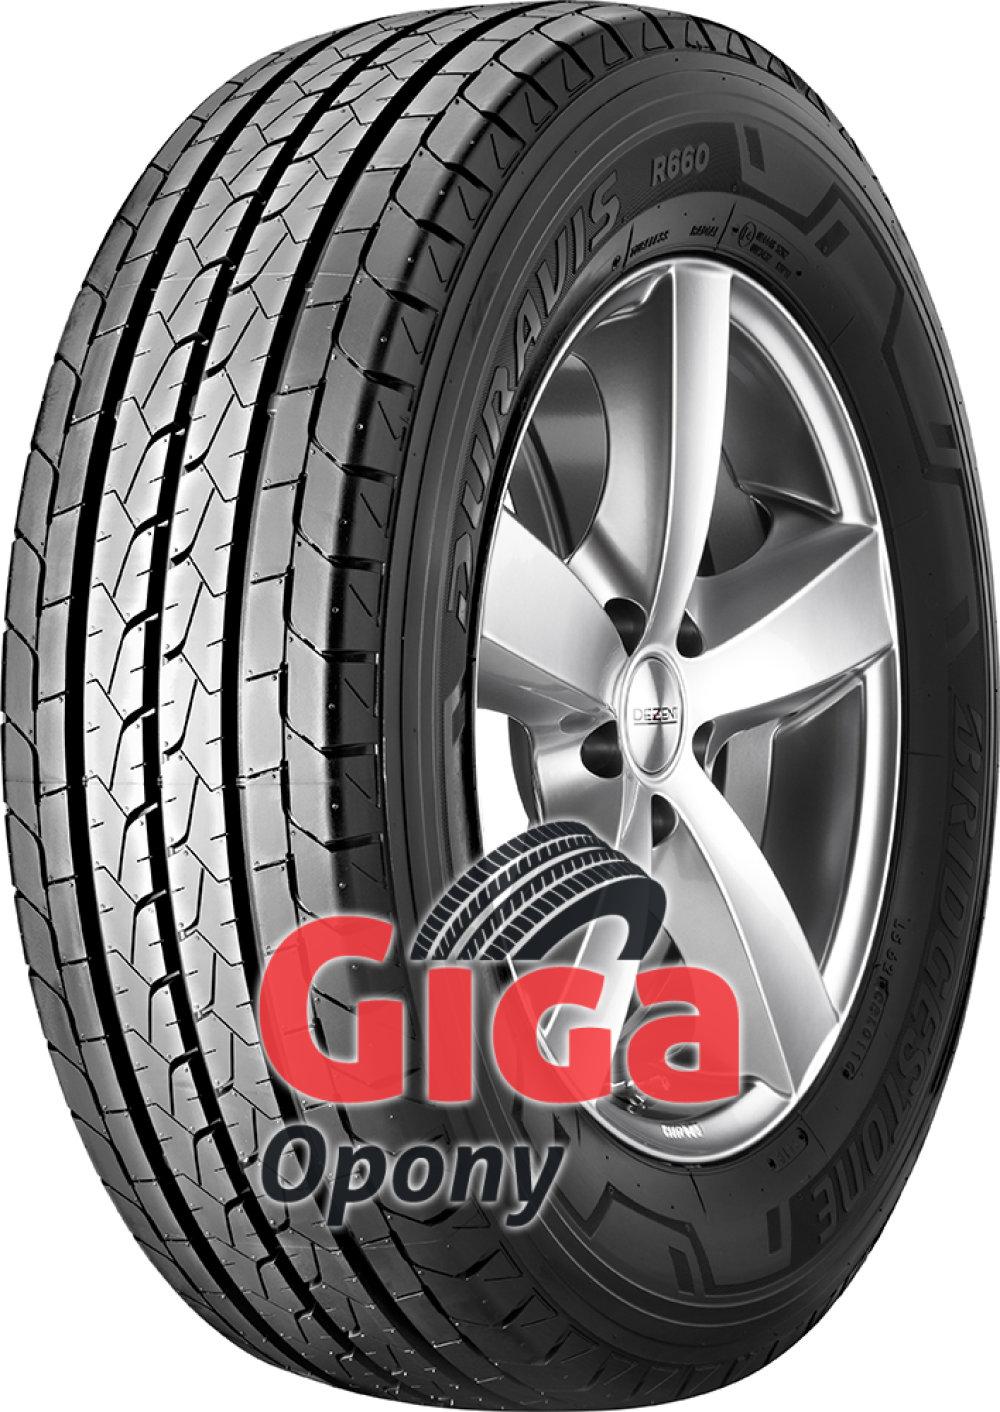 Bridgestone Duravis R660 ( 185/75 R16C 104/102R )